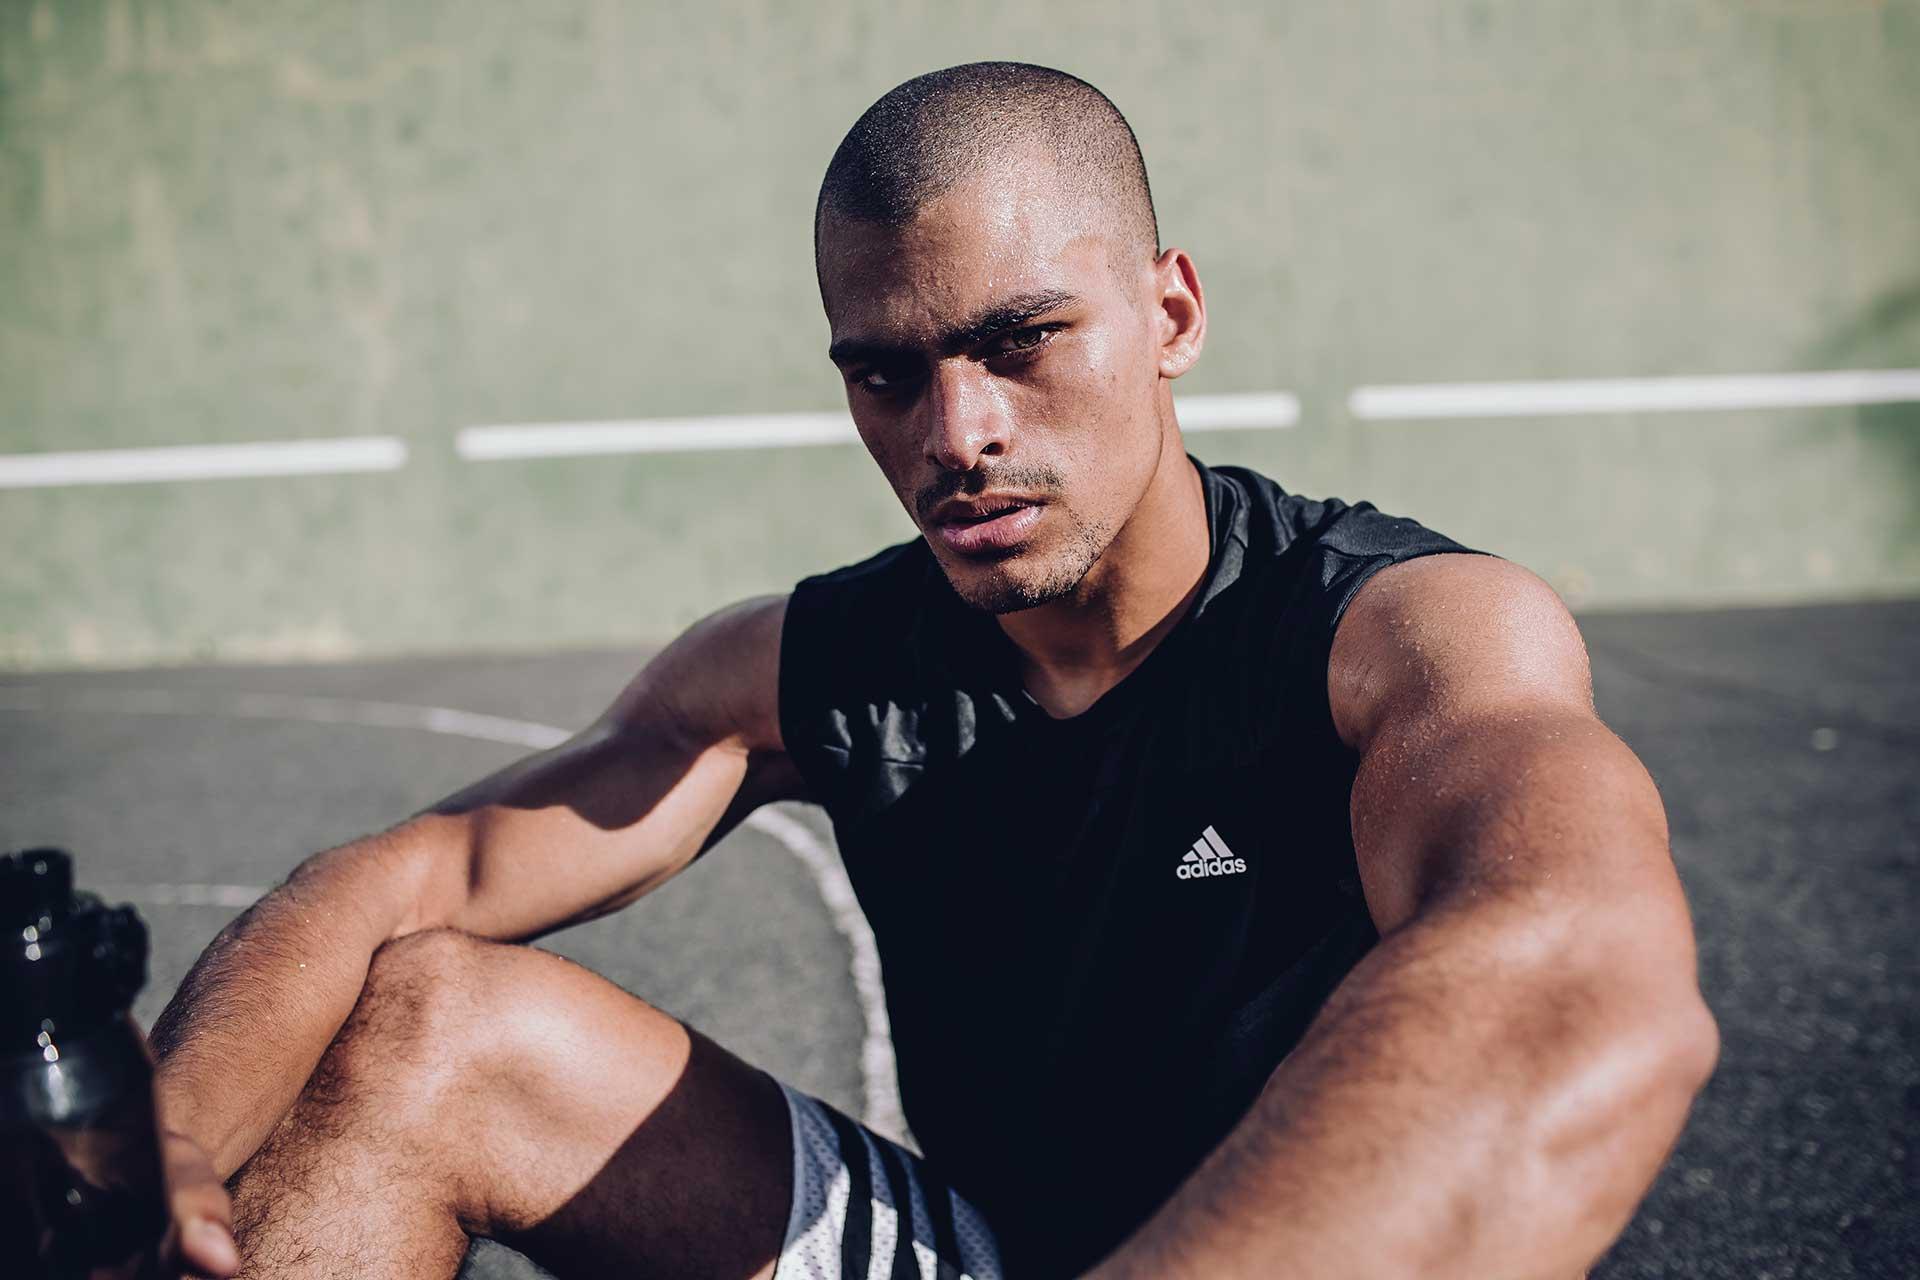 Sport fotograf Outdoor Fitness Training Basketball Schweiß Michael Müller